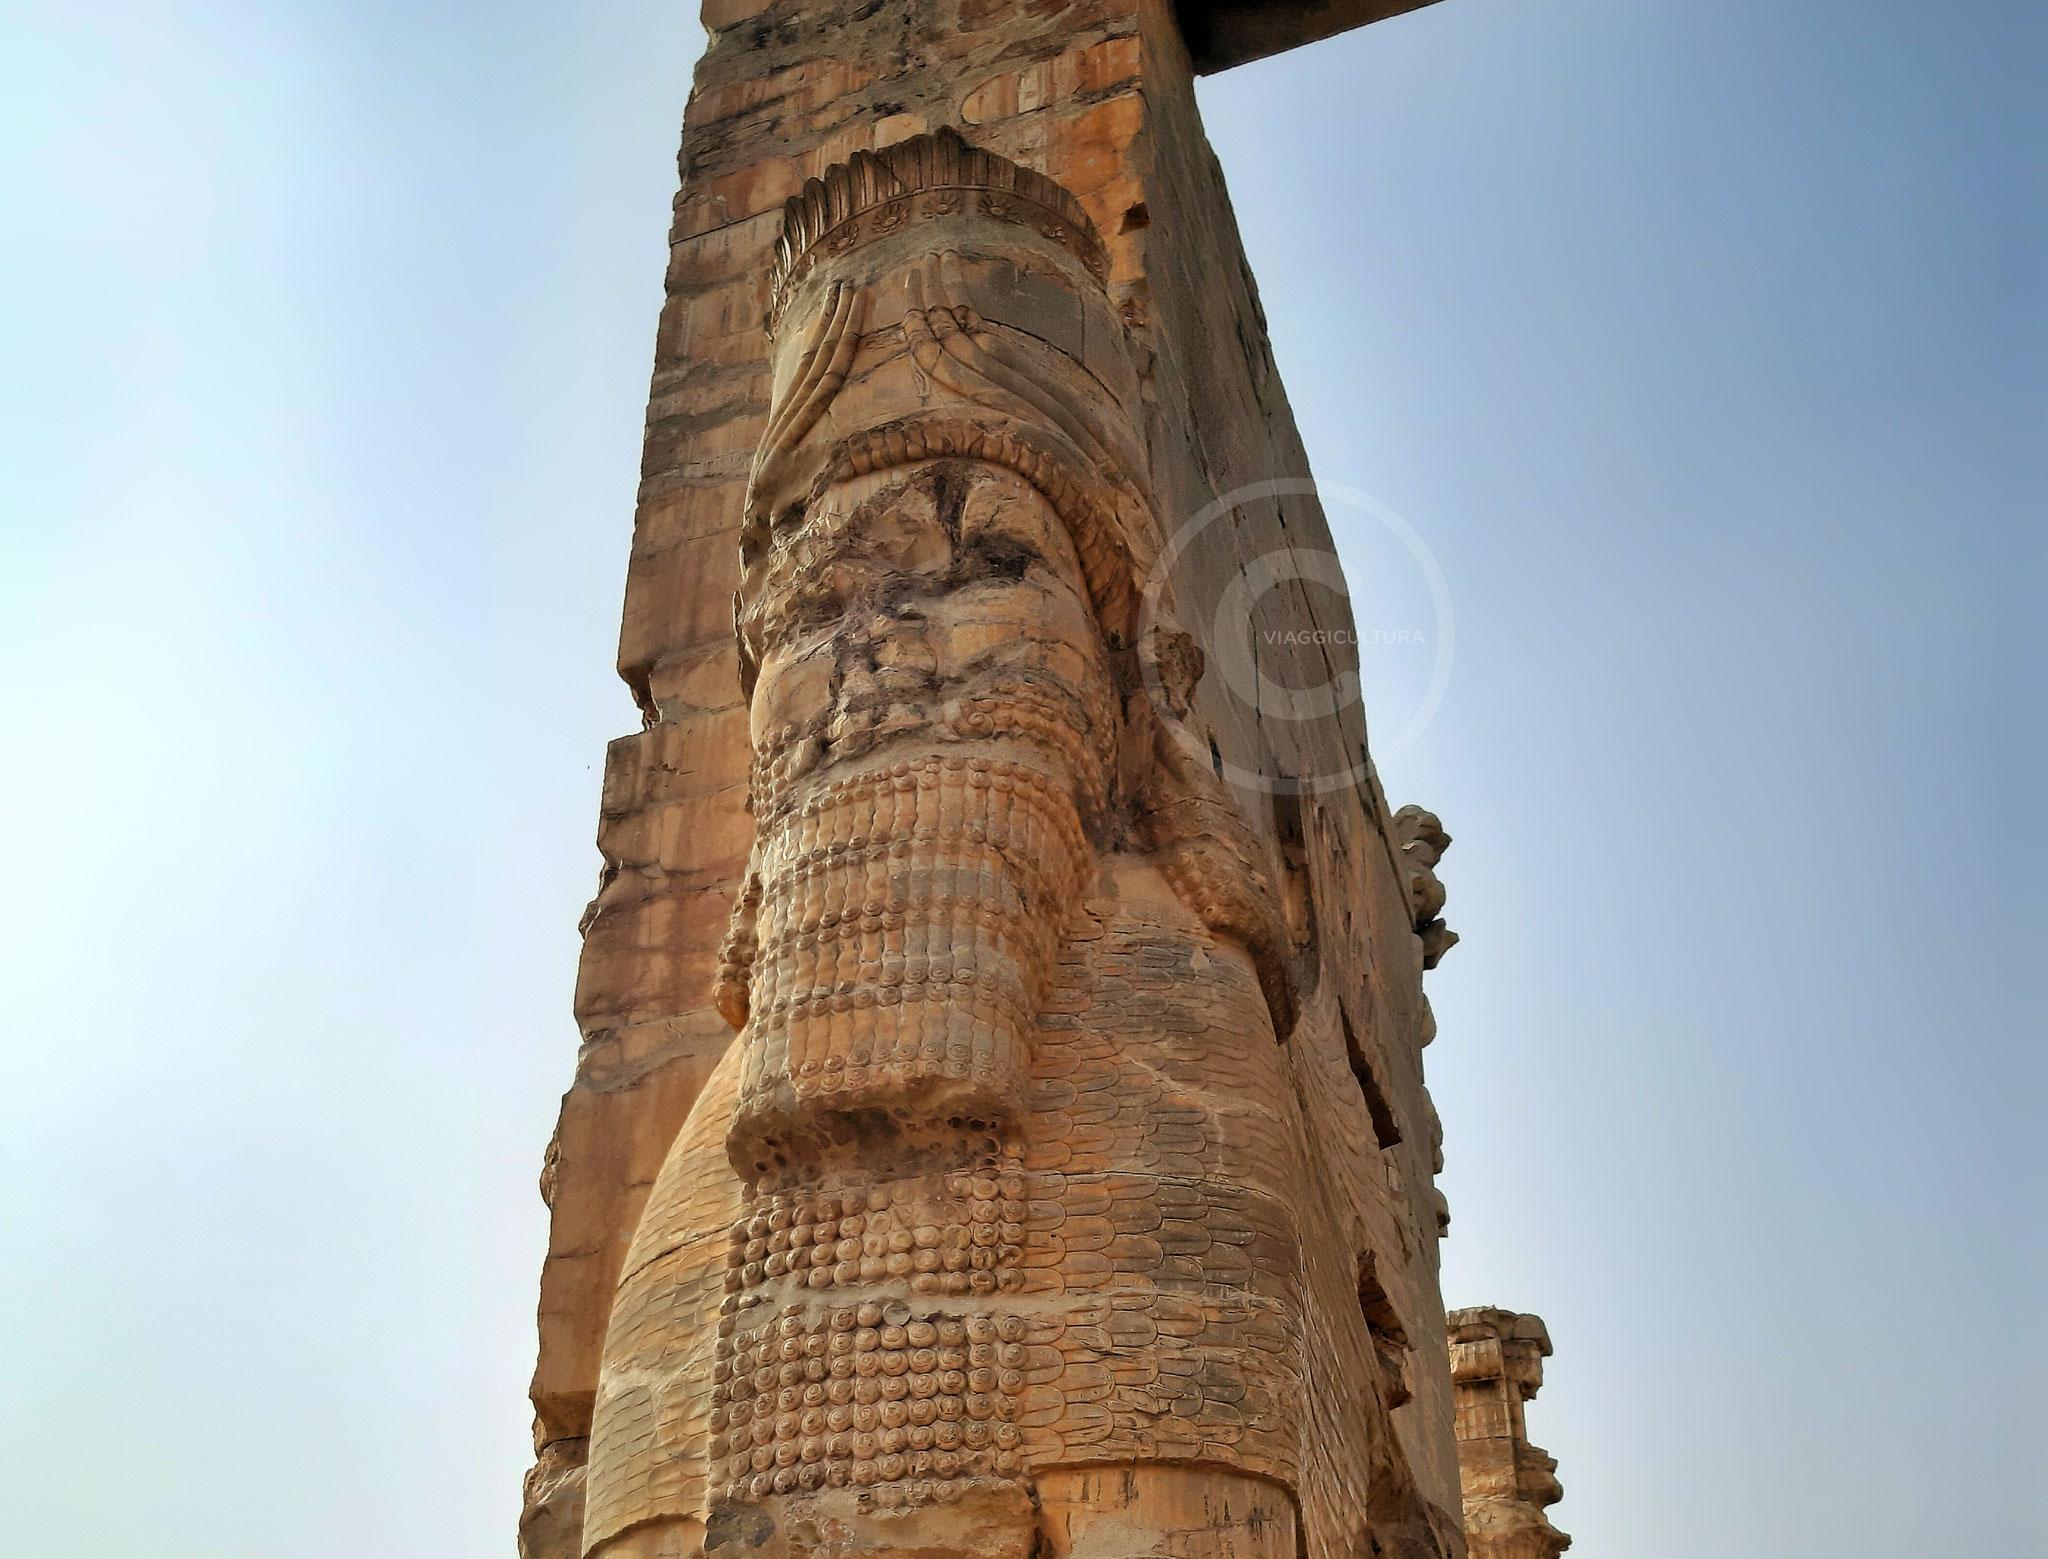 Secondo toro alato androcefalo, Porta di Tutte le Nazioni - facciata est, Persepoli (Iran)